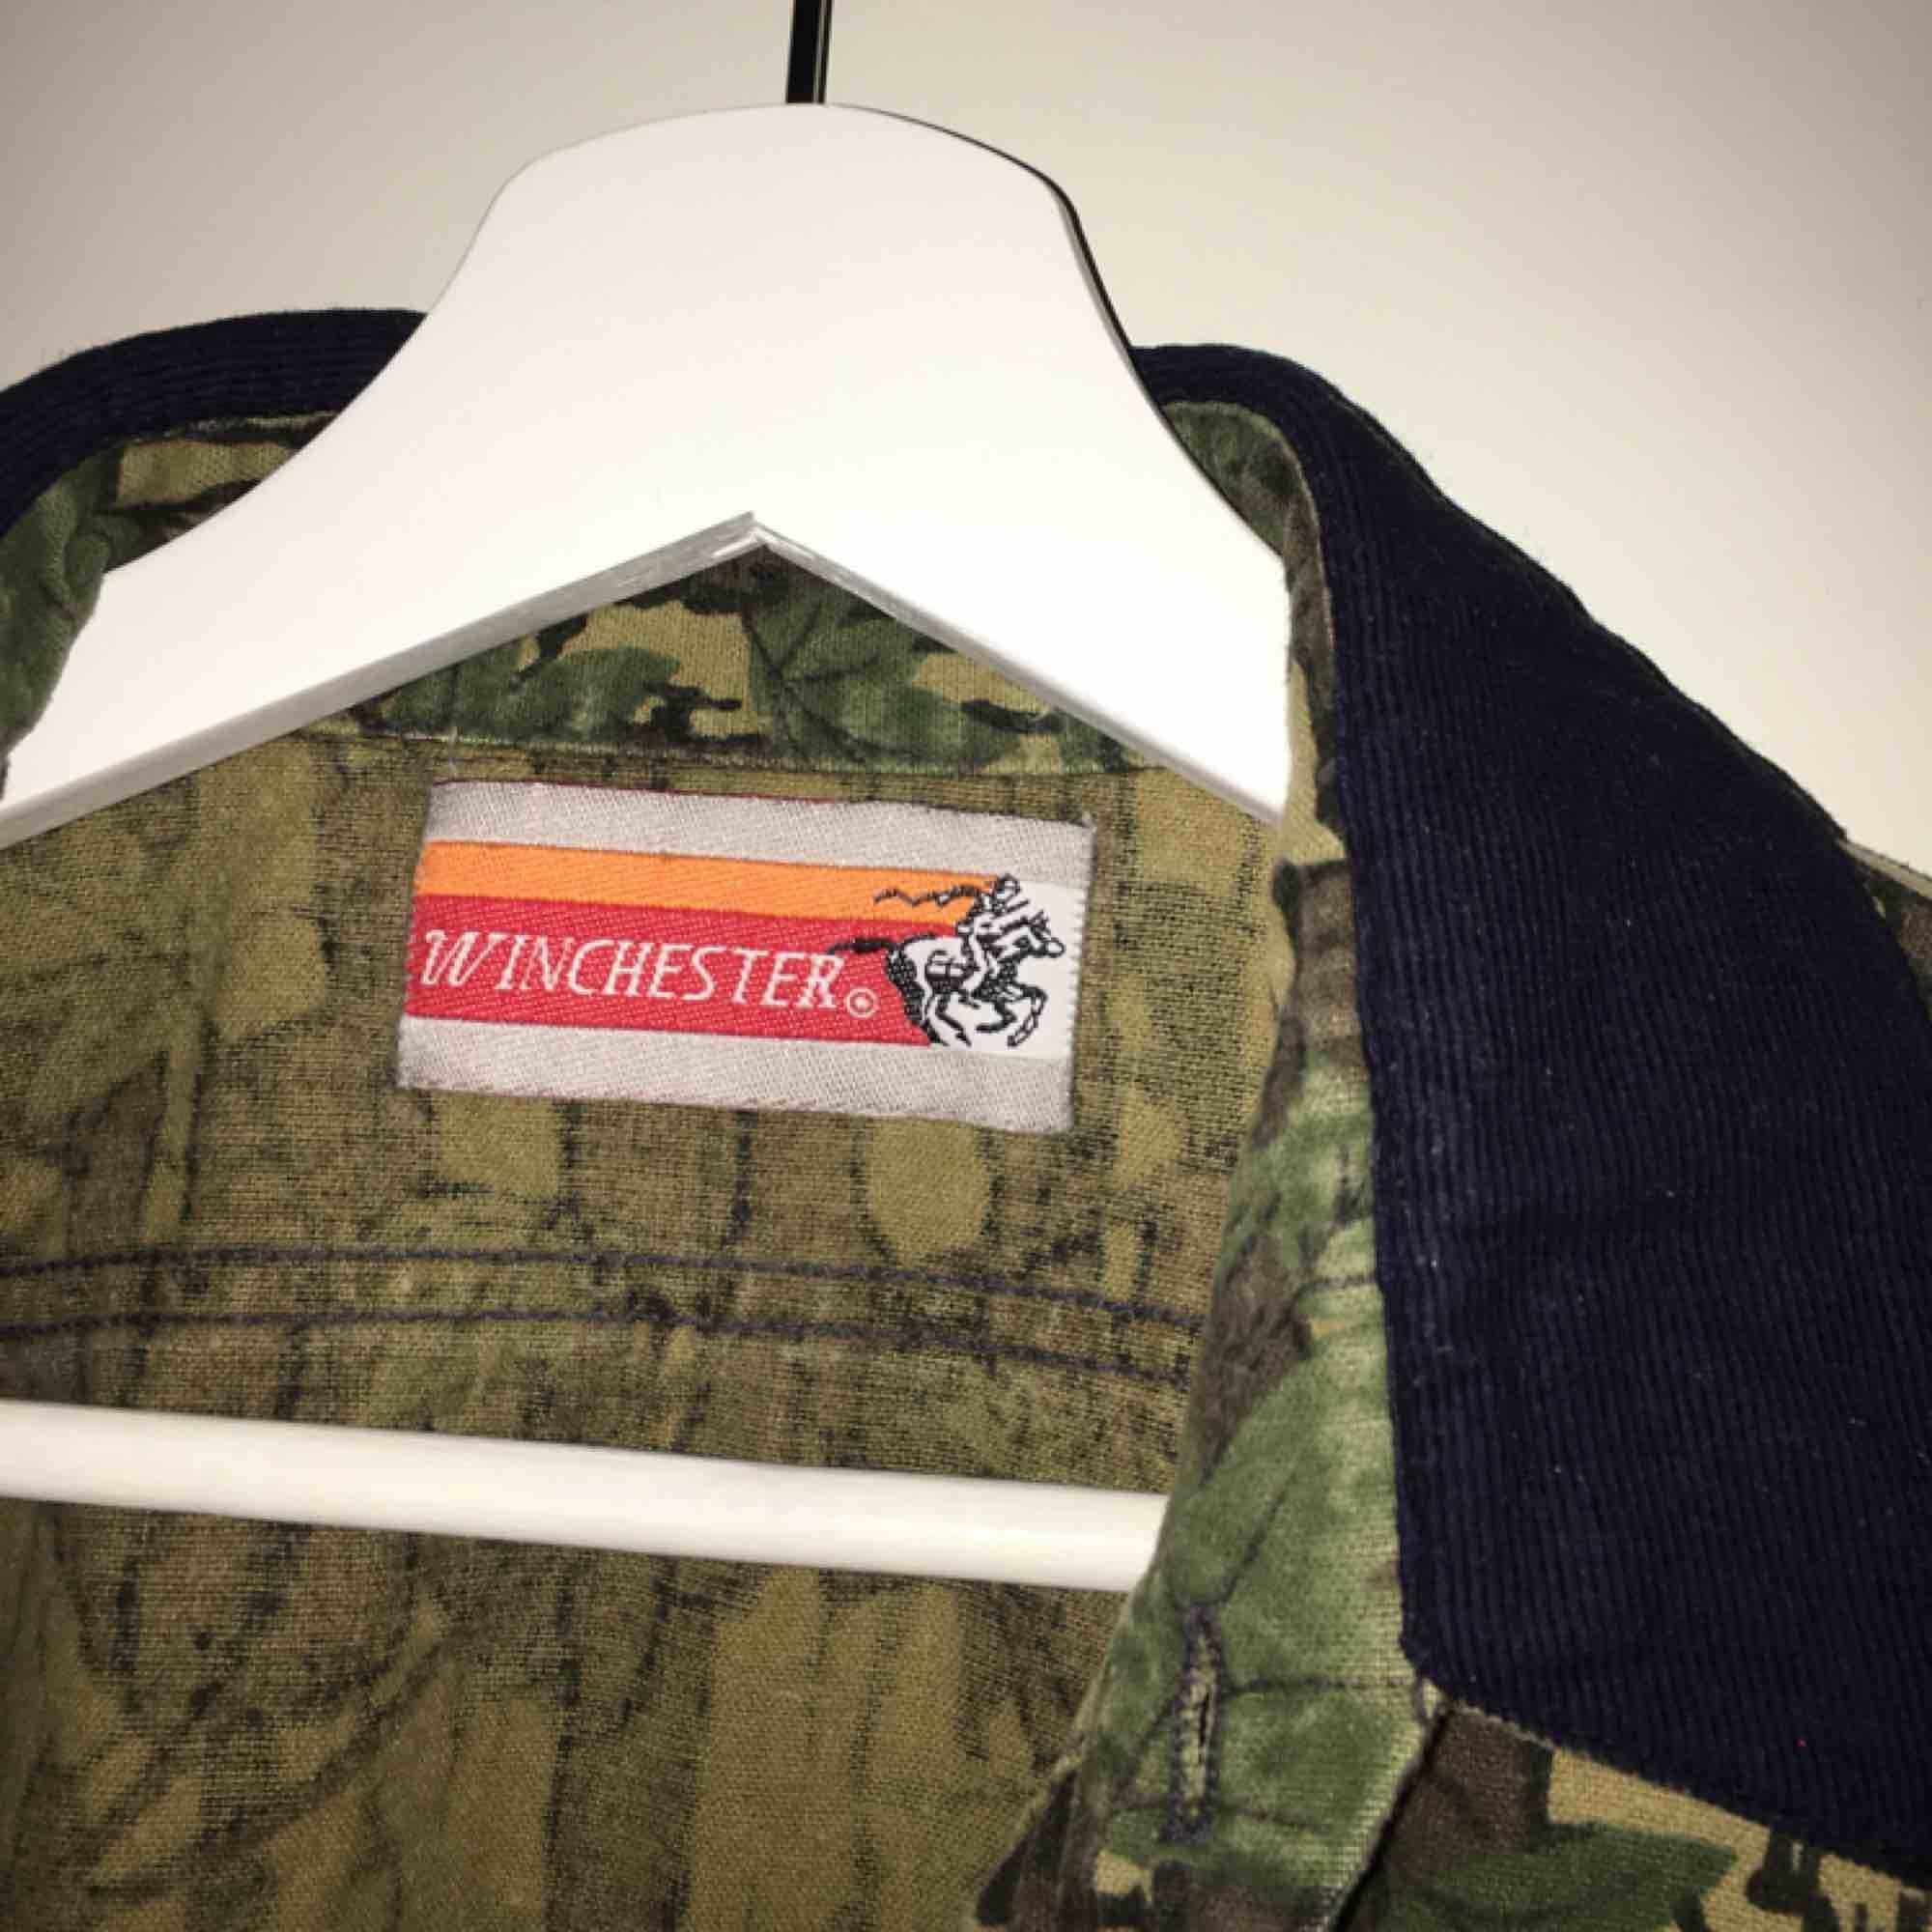 Säljer denna balla skjorta köpt på Beyond Retro! Begagnad alltså men fint skick, liknar kamouflage  men är egentligen löv typ med en Manchester-krage:-))  Superfin, köp! Frakt: 55 kr . Skjortor.